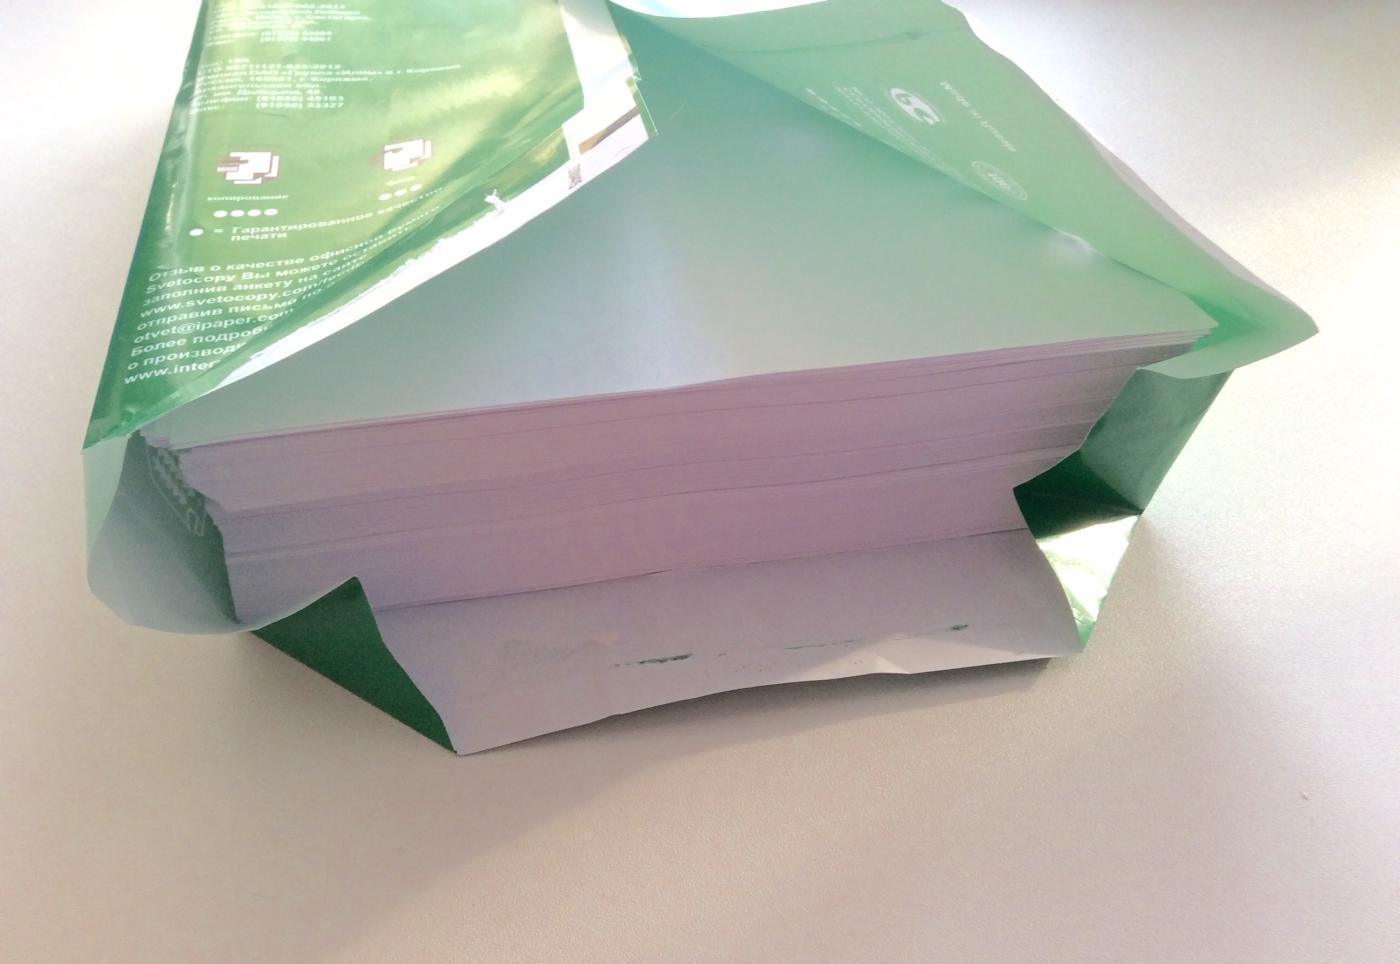 Как госслужащие купили пачку бумаги за 240 тысяч тенге